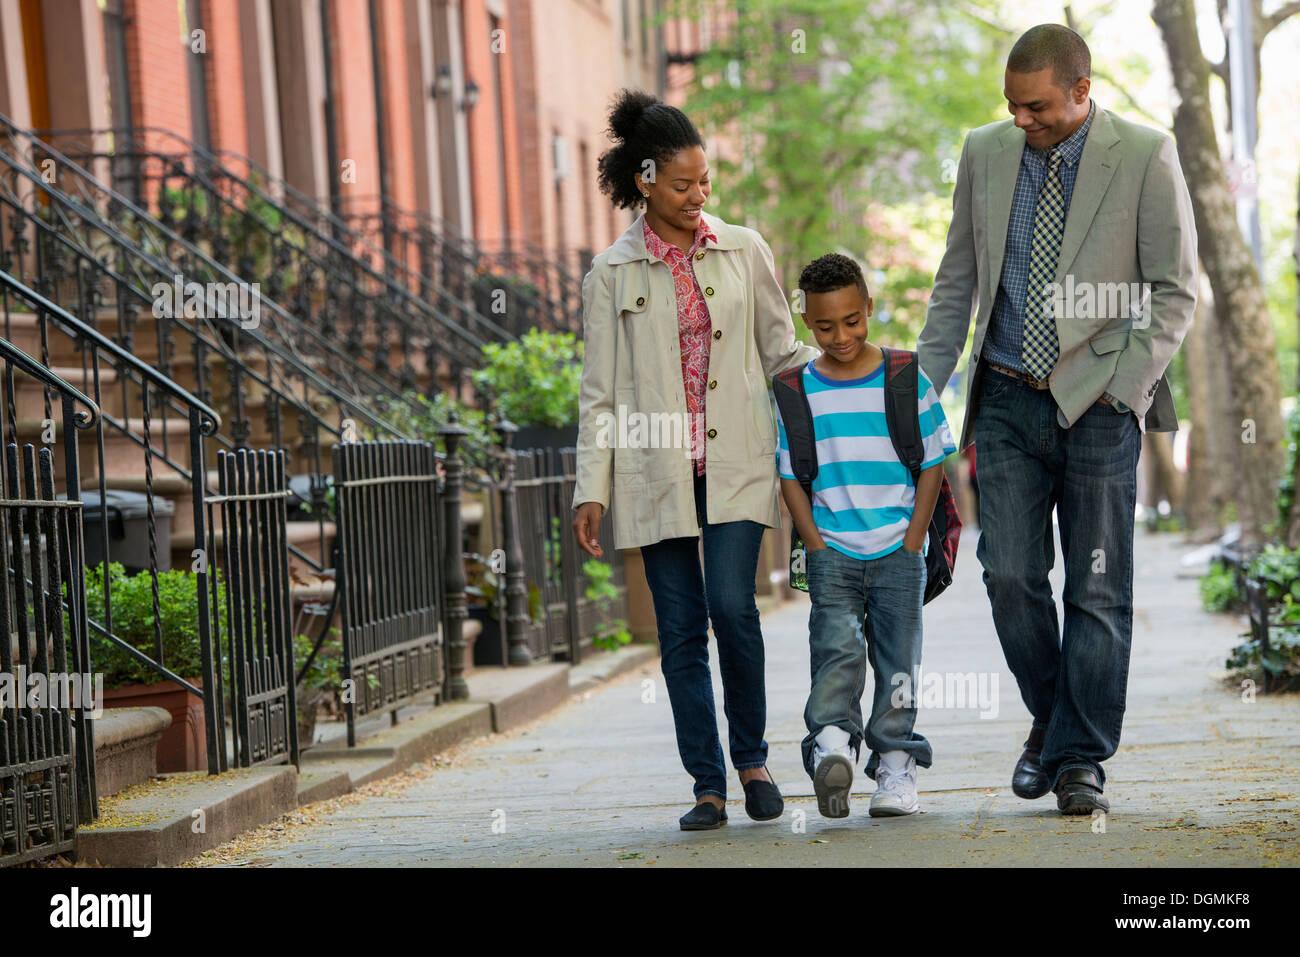 Une famille en plein air dans la ville. Deux parents et un jeune garçon marchant ensemble. Photo Stock